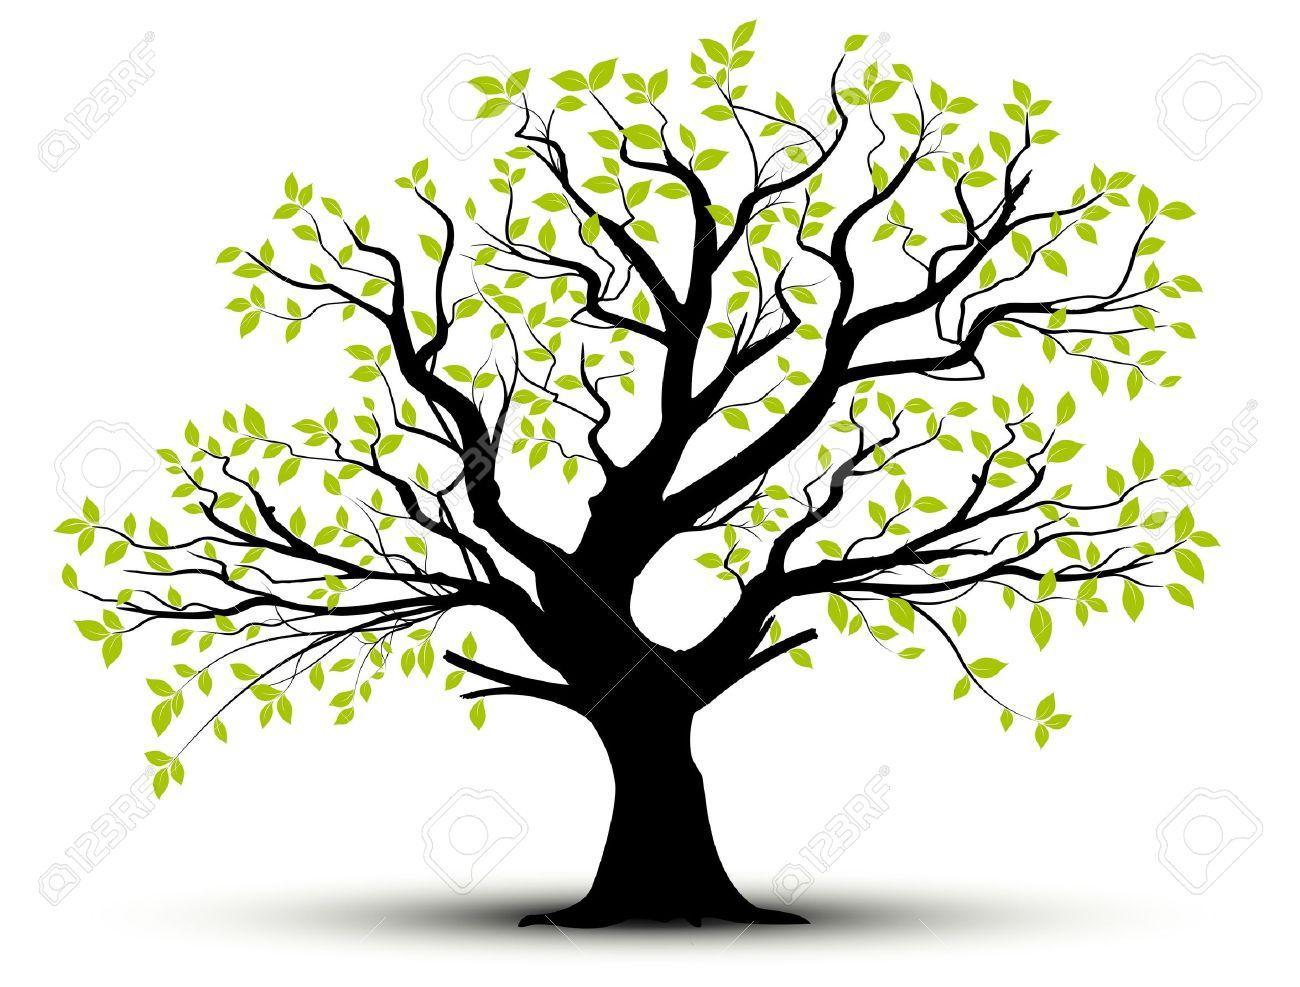 ensemble de vecteurs - arbre décoratif et des feuilles vertes avec